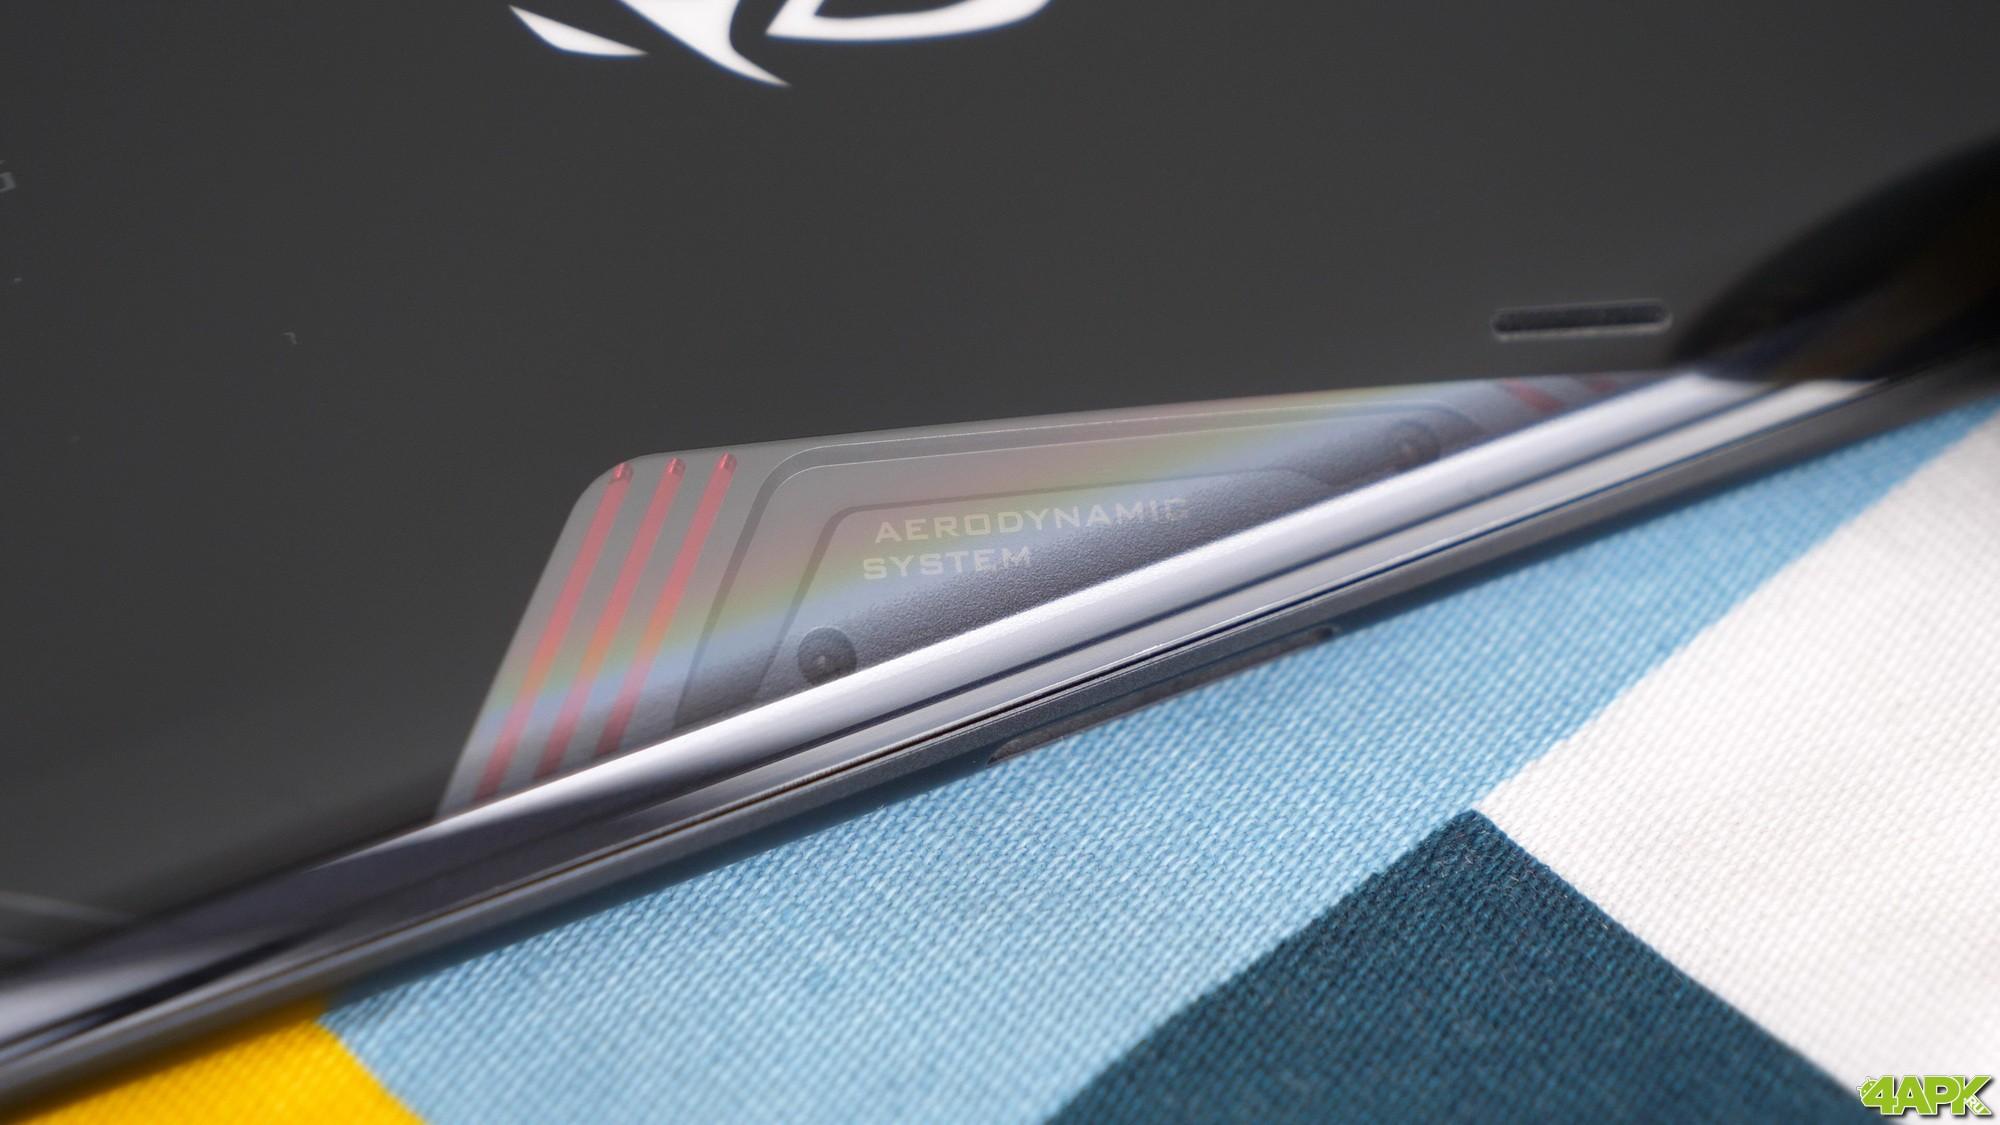 Обзор ASUS ROG Phone 3: топовый смартфон для игр Другие устройства  - obzor_asus_rog_phone_3_luchshij_igrovoj_smartfon_20206_picture6_0